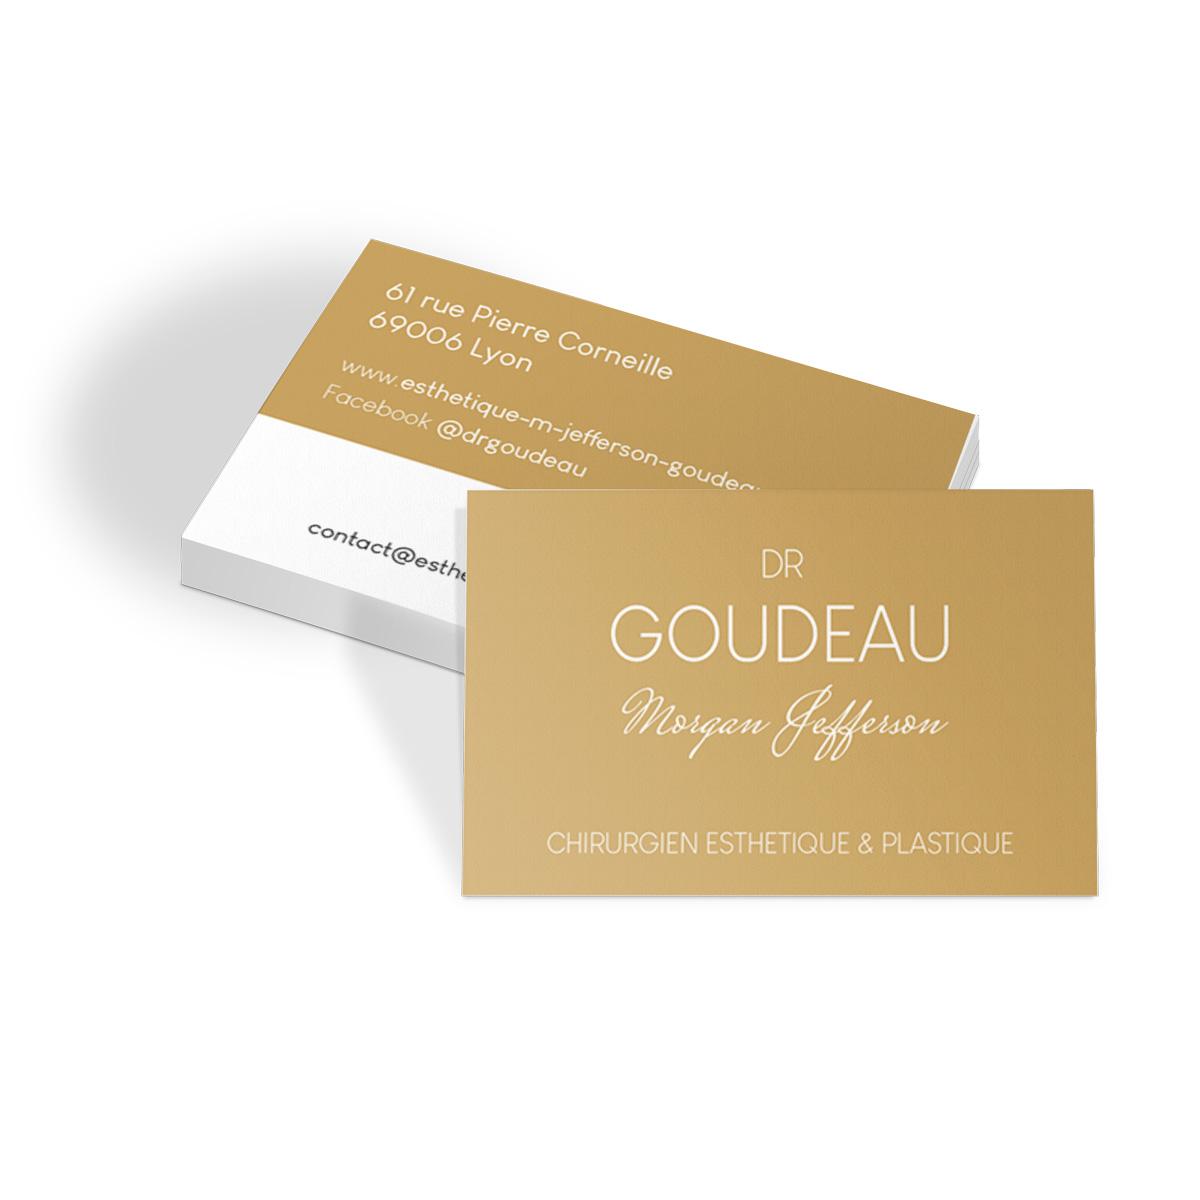 Communication visuelle - Cartes de visite Dr Goudeau